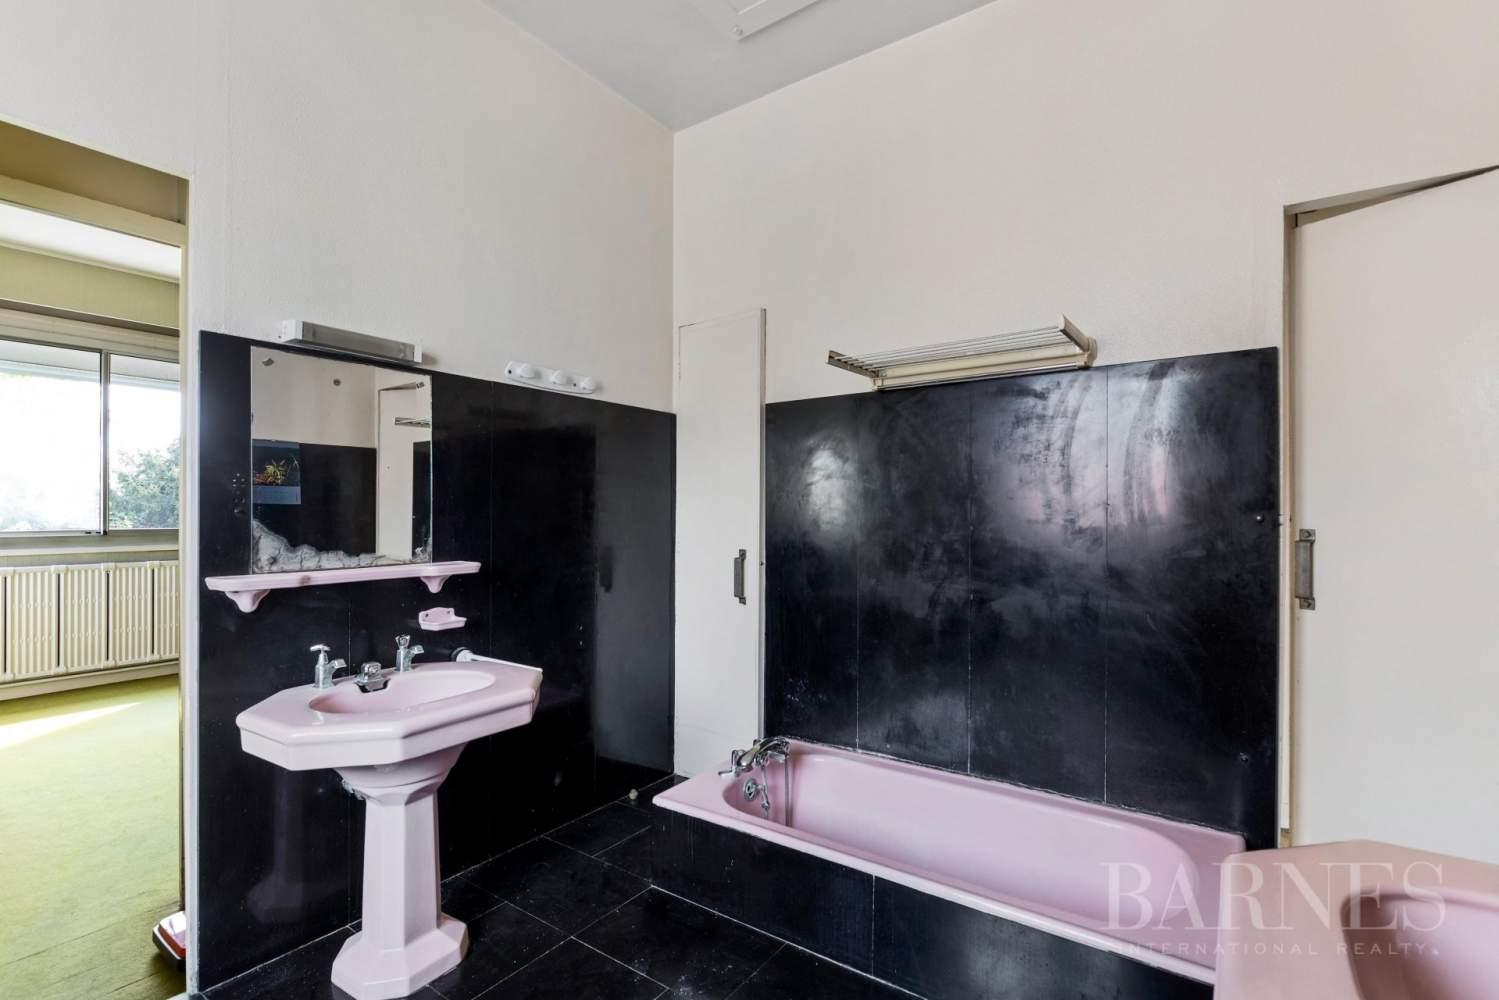 Saint-Cloud Montretout, maison 1930 de 286 m² habitables sur terrain sud 792 m² picture 11